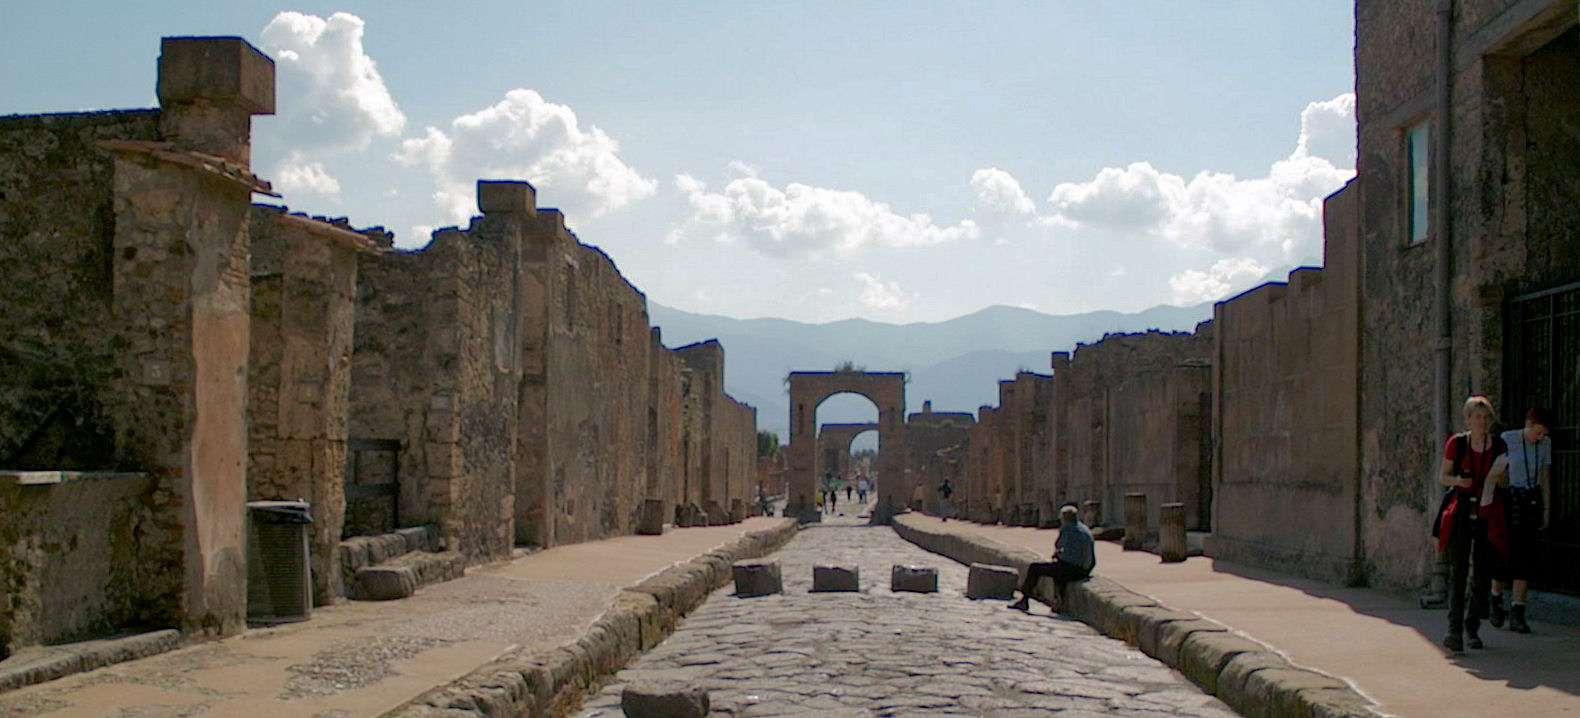 En af de antikke gader